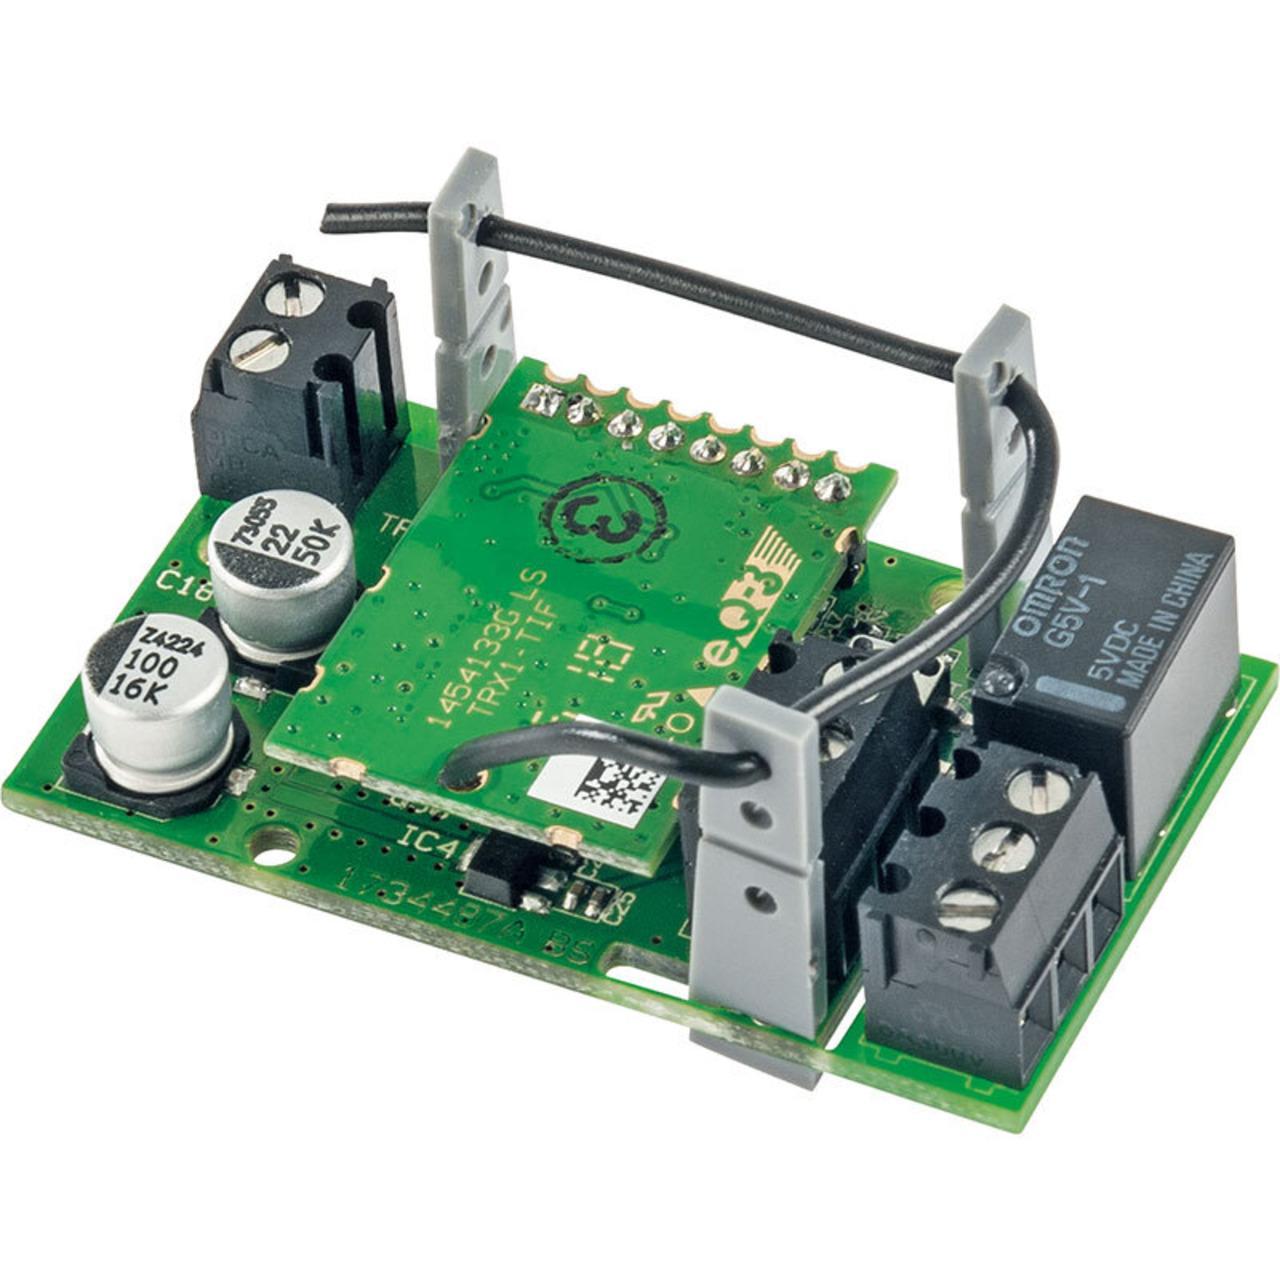 ELV Homematic IP Bausatz Schaltplatine HmIP-PCBS, für Smart Home / Hausautomation